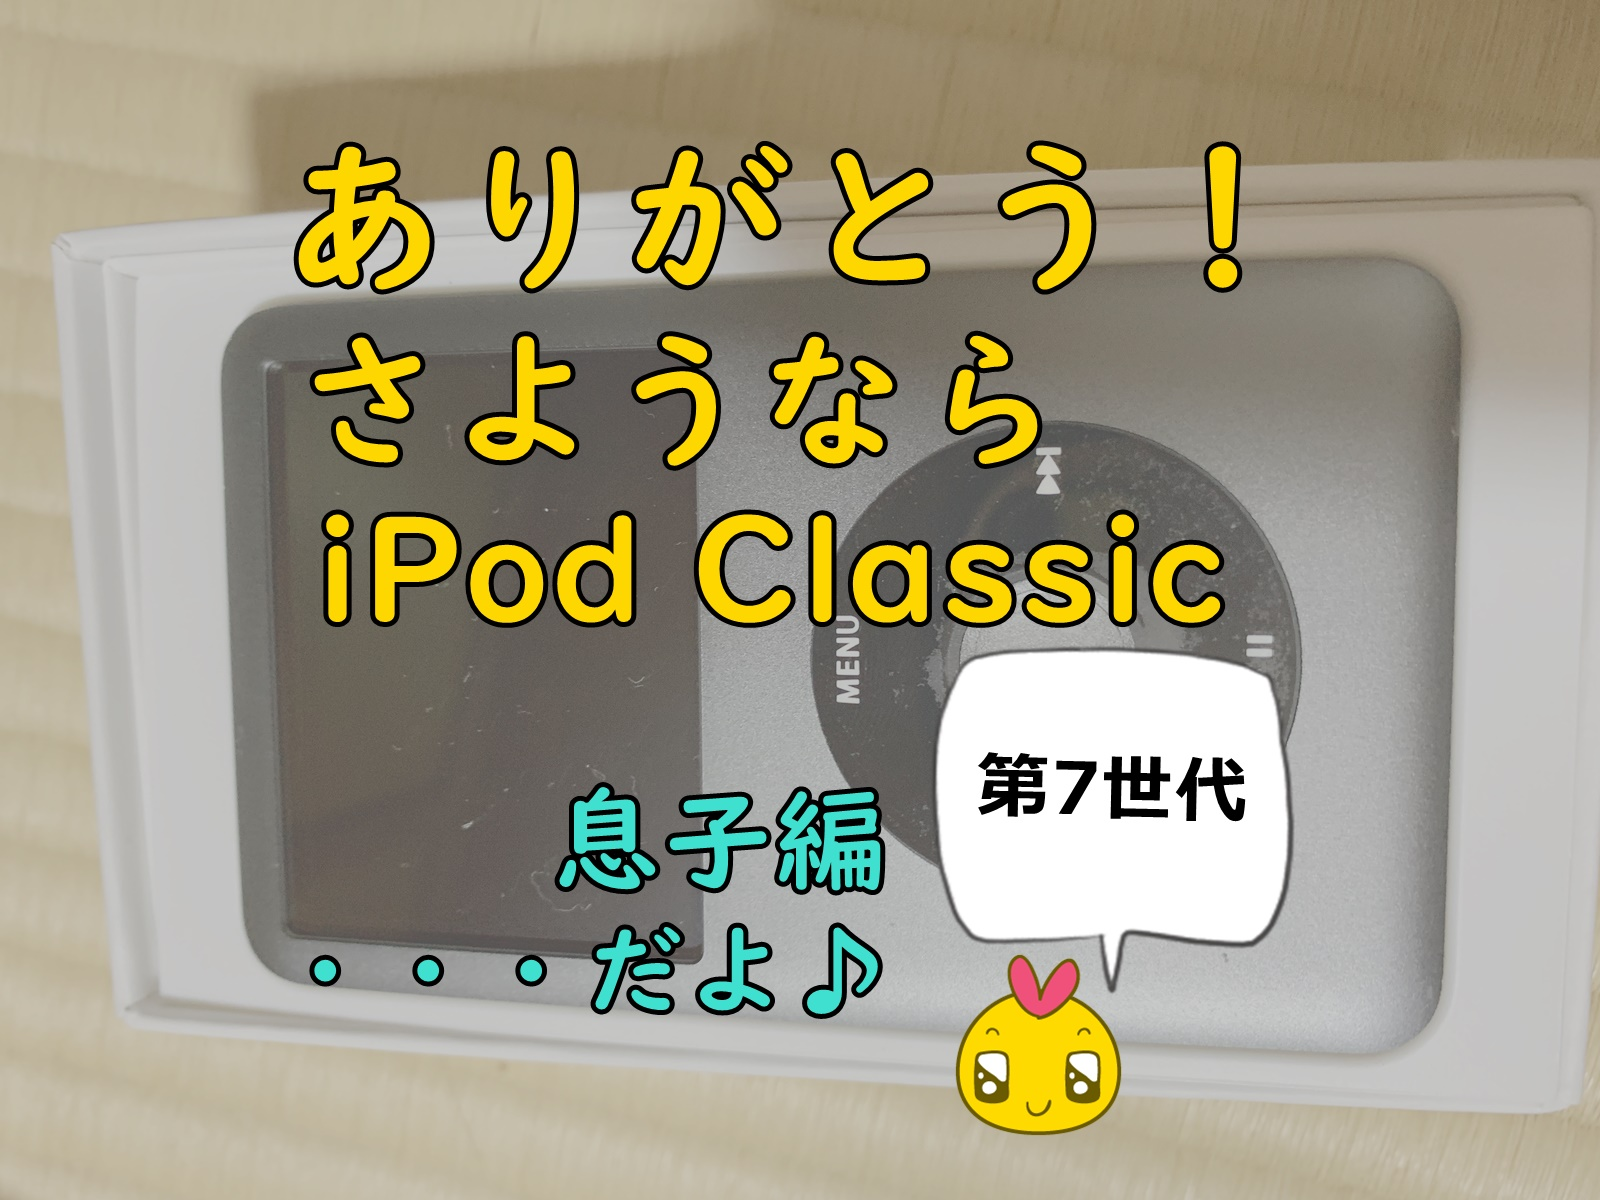 iPod Classicを超える音楽プレイヤー